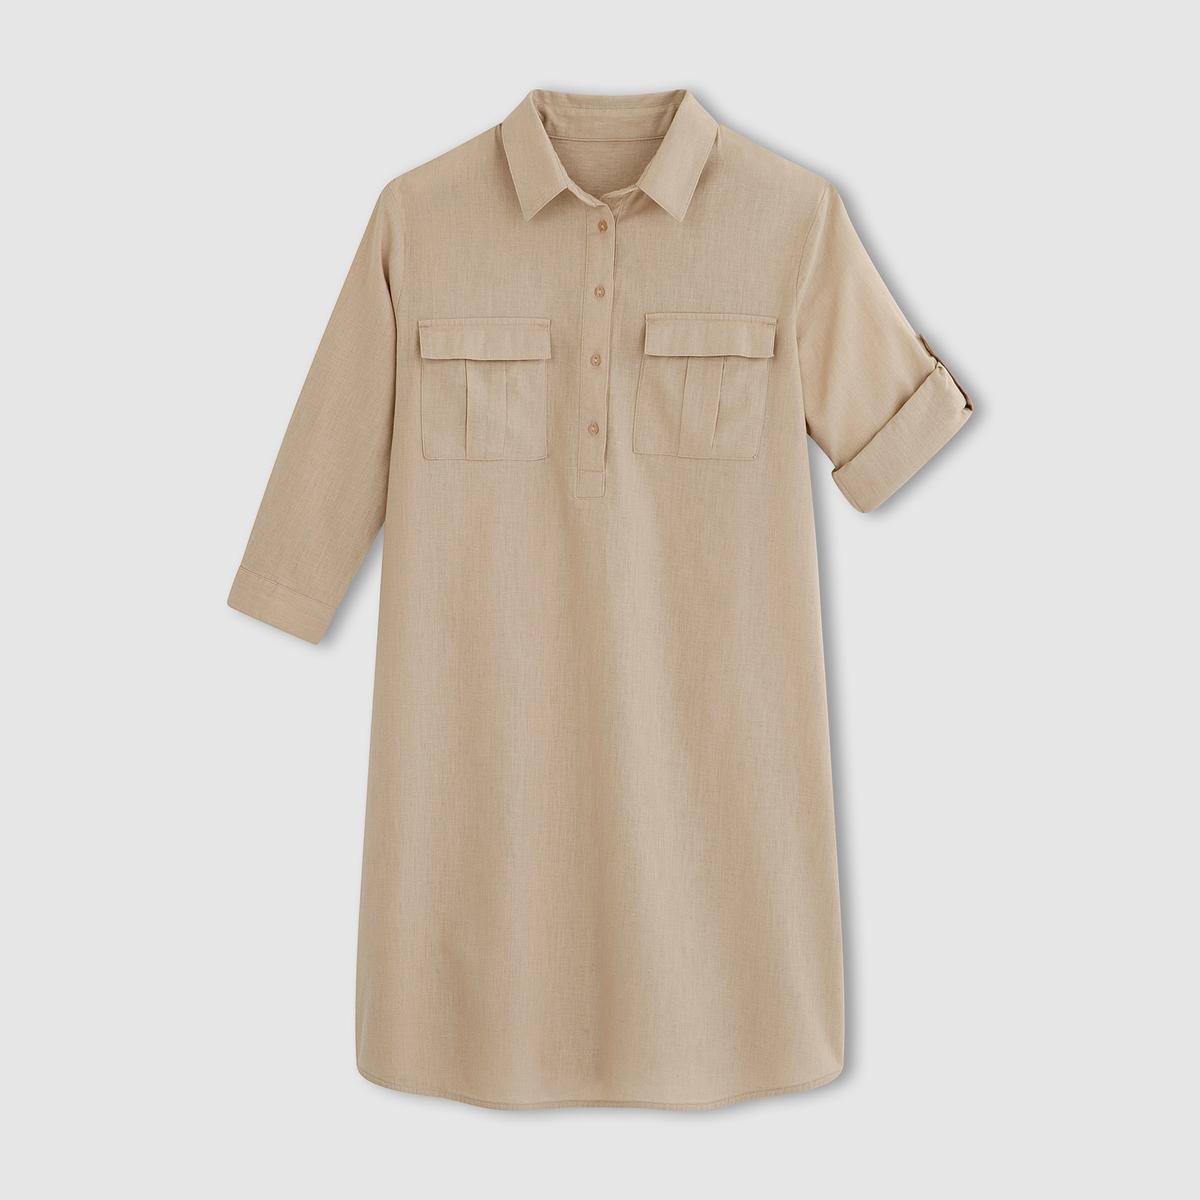 Платье из льна и хлопкаПлатье.  53% льна, 47% хлопка.  Рубашечный воротник с планкой застежки на пуговицы. 2 кармана с клапаном спереди. Длинные рукава с отворотами и планкой застежки на пуговицу. Закругленный низ. Длина ок.87 см.<br><br>Цвет: белый,серо-бежевый,синий морской<br>Размер: 36 (FR) - 42 (RUS).38 (FR) - 44 (RUS).42 (FR) - 48 (RUS).36 (FR) - 42 (RUS).42 (FR) - 48 (RUS).38 (FR) - 44 (RUS)